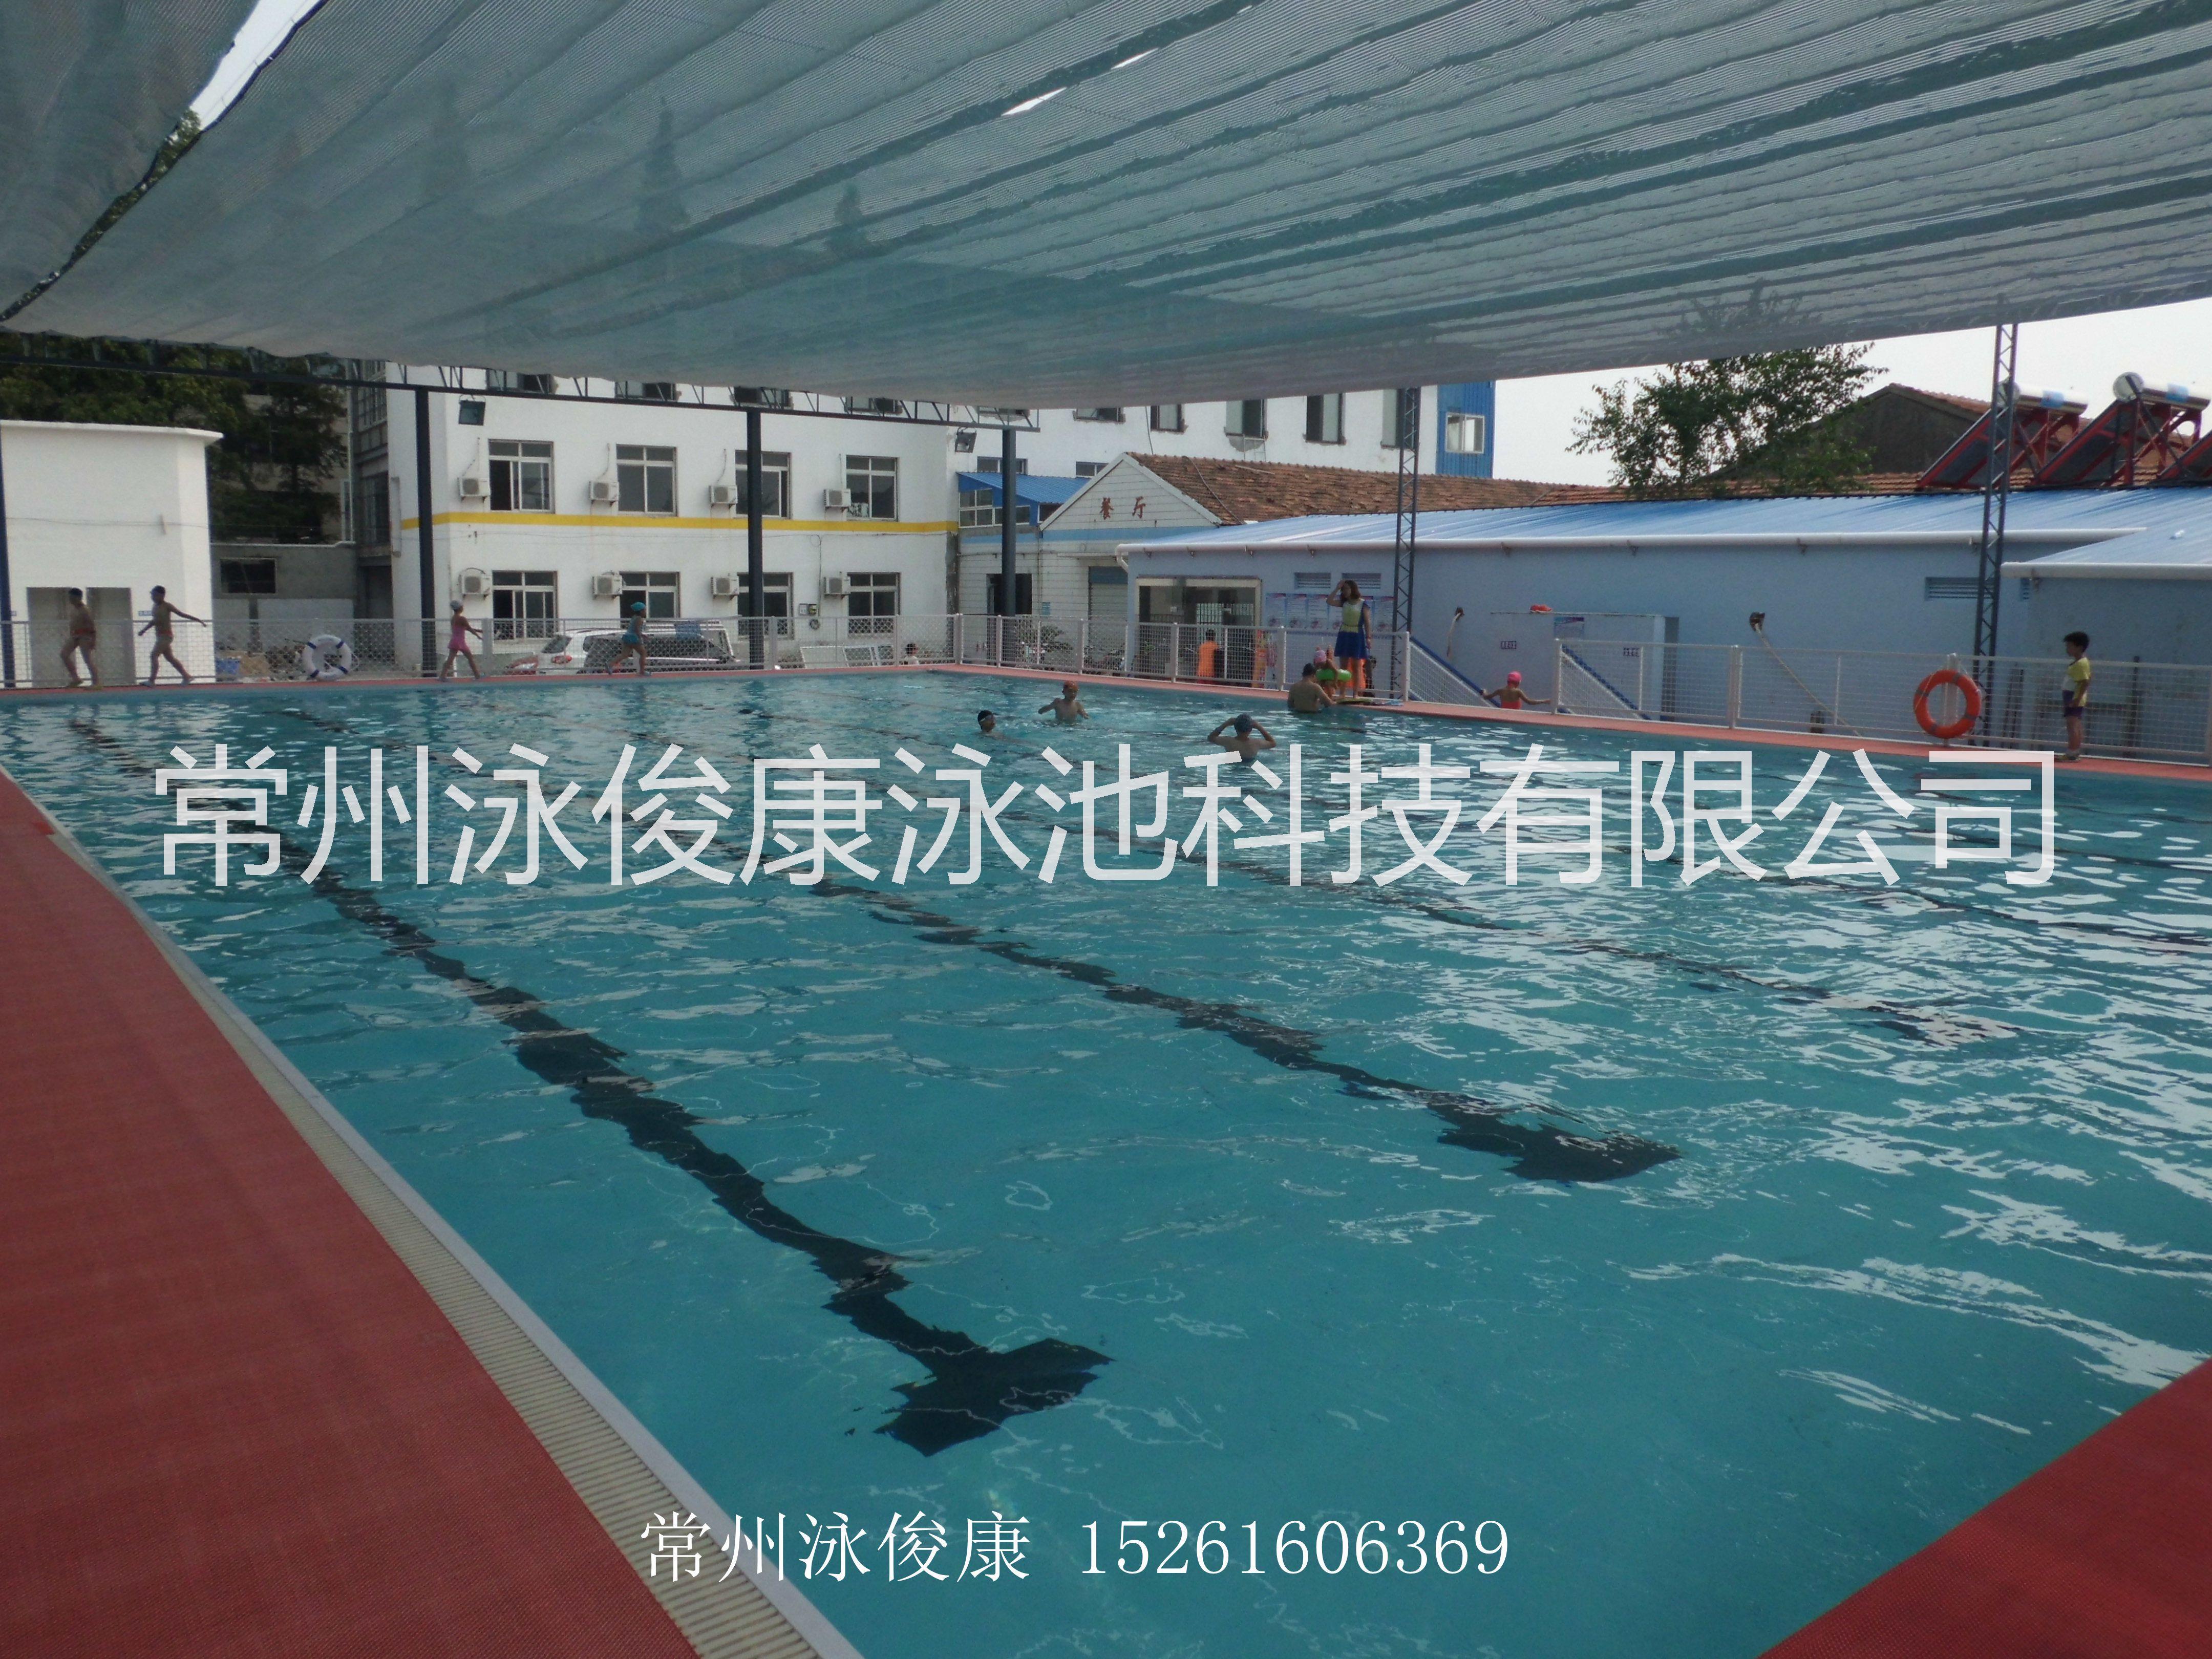 江蘇拆裝式游泳池價格圖片